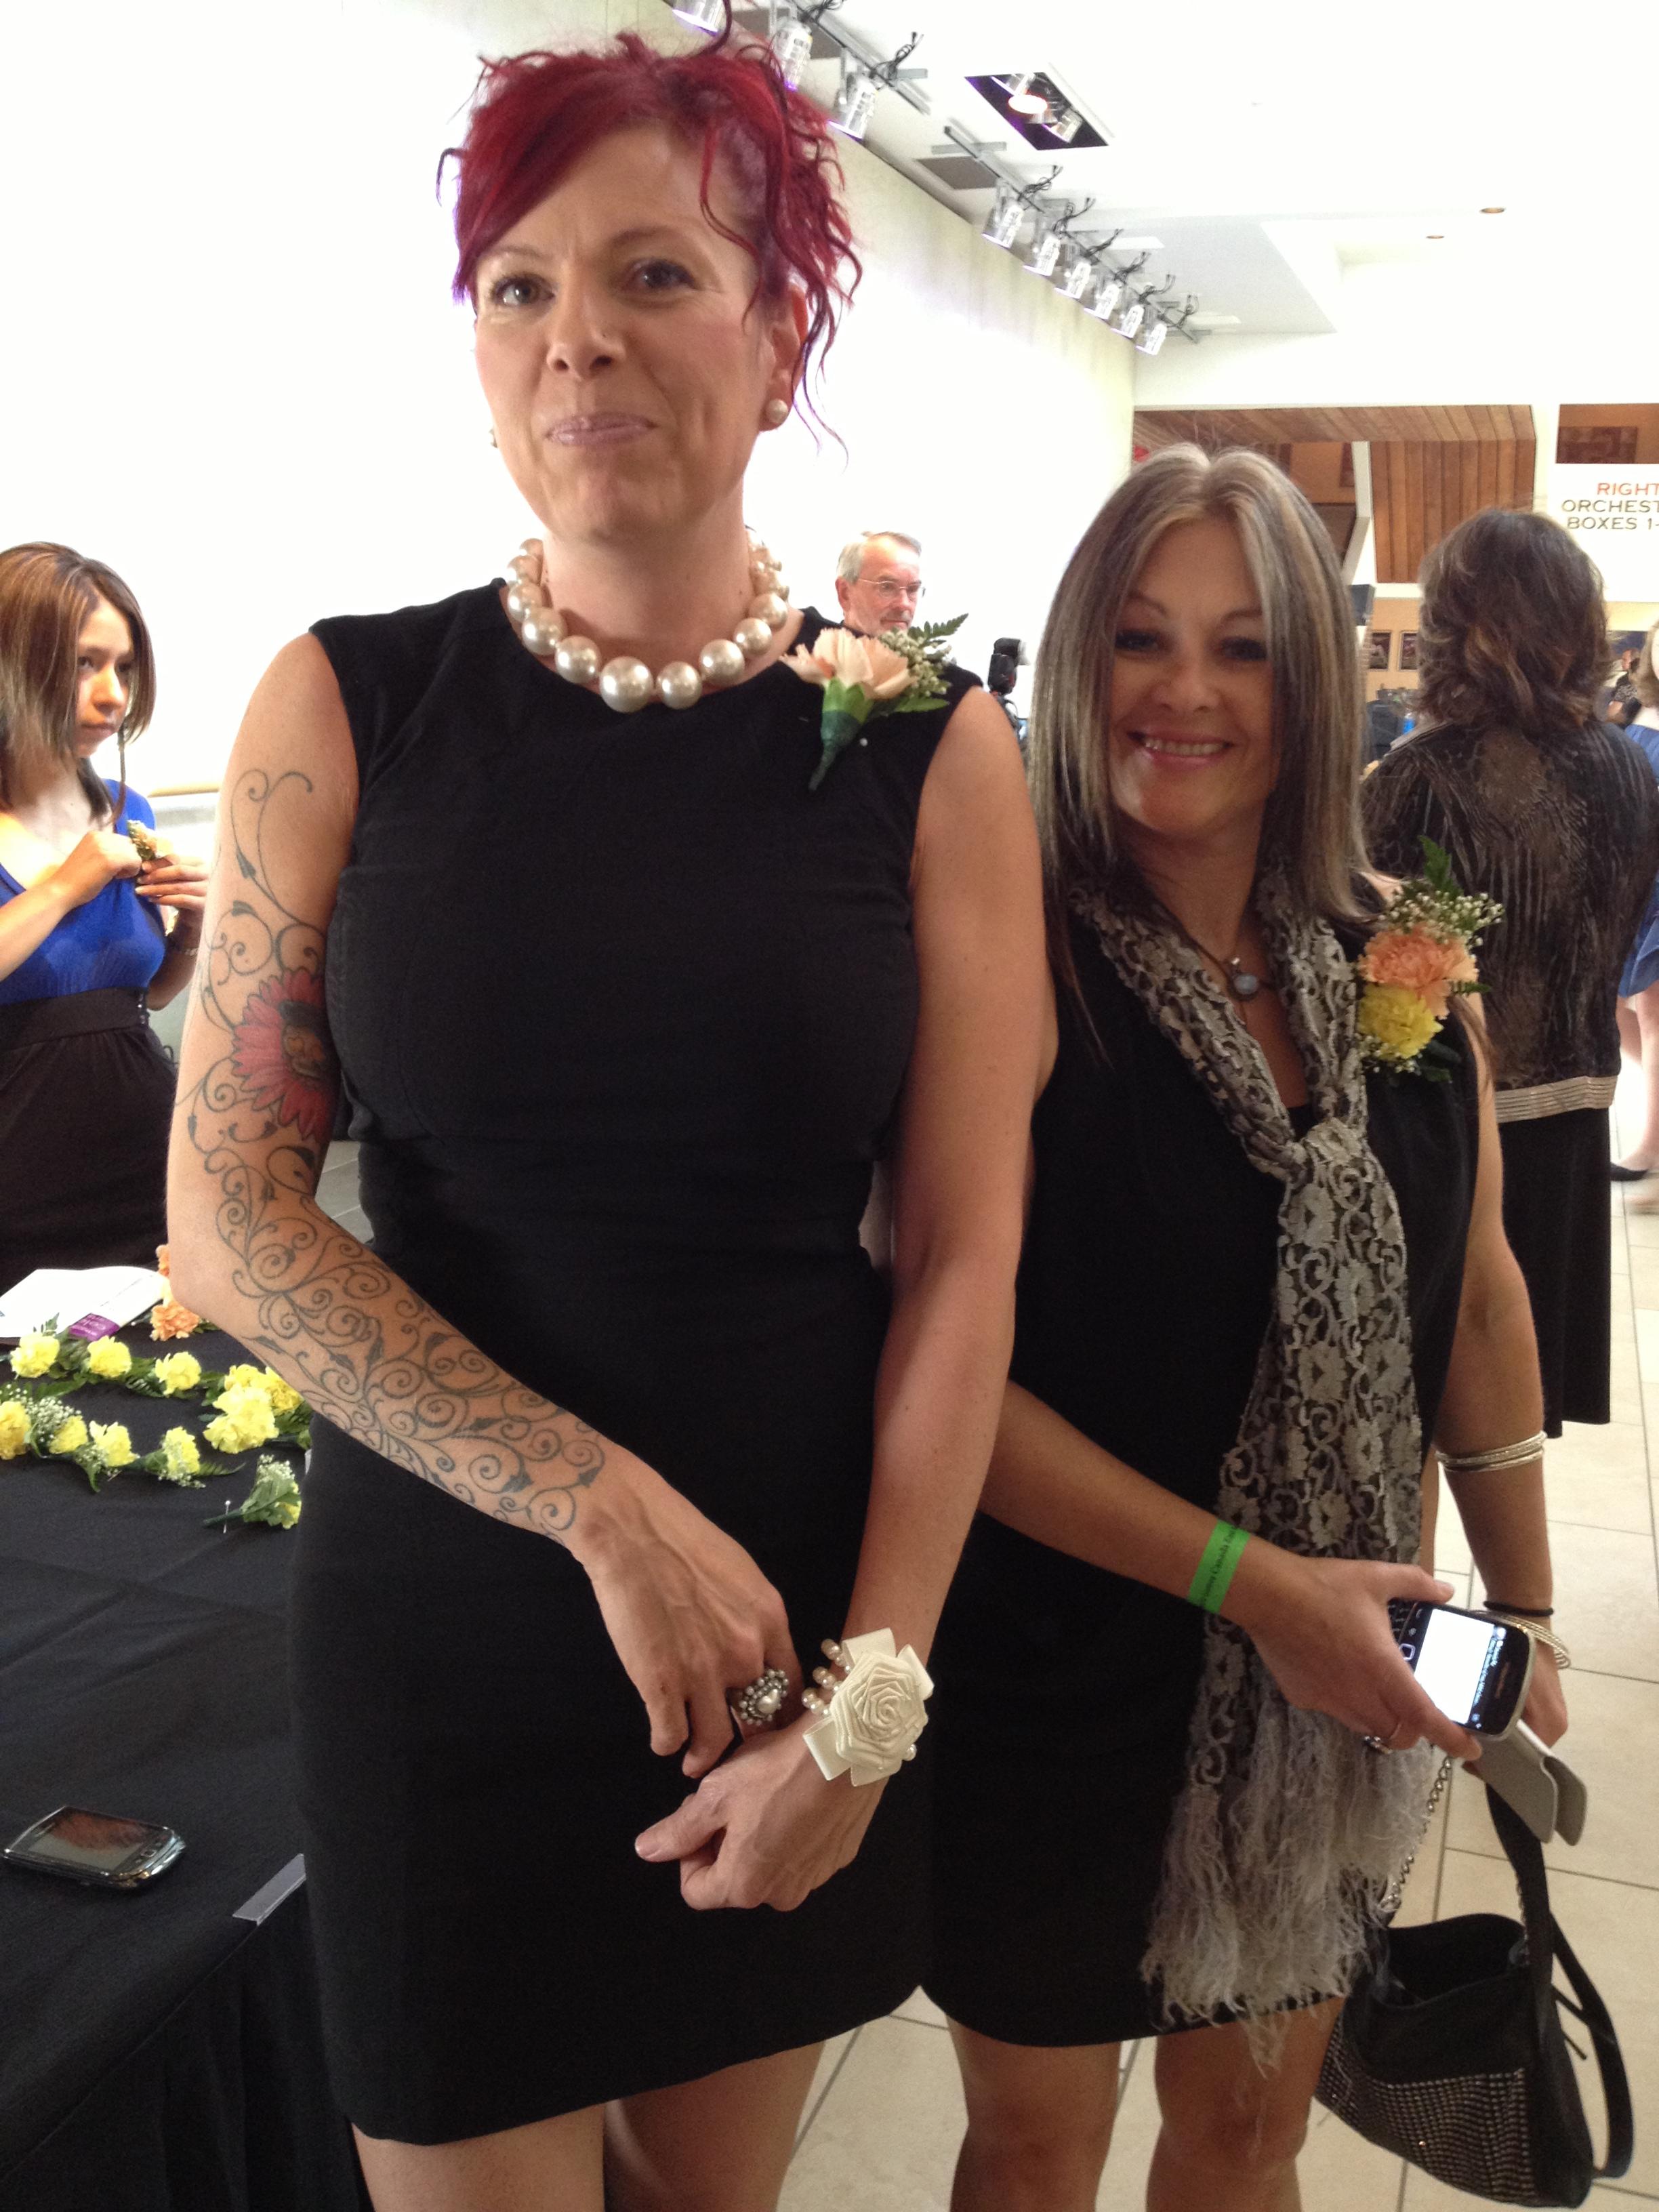 Brenda Schuiling & Nicola Carroll, AAWR Volunteers